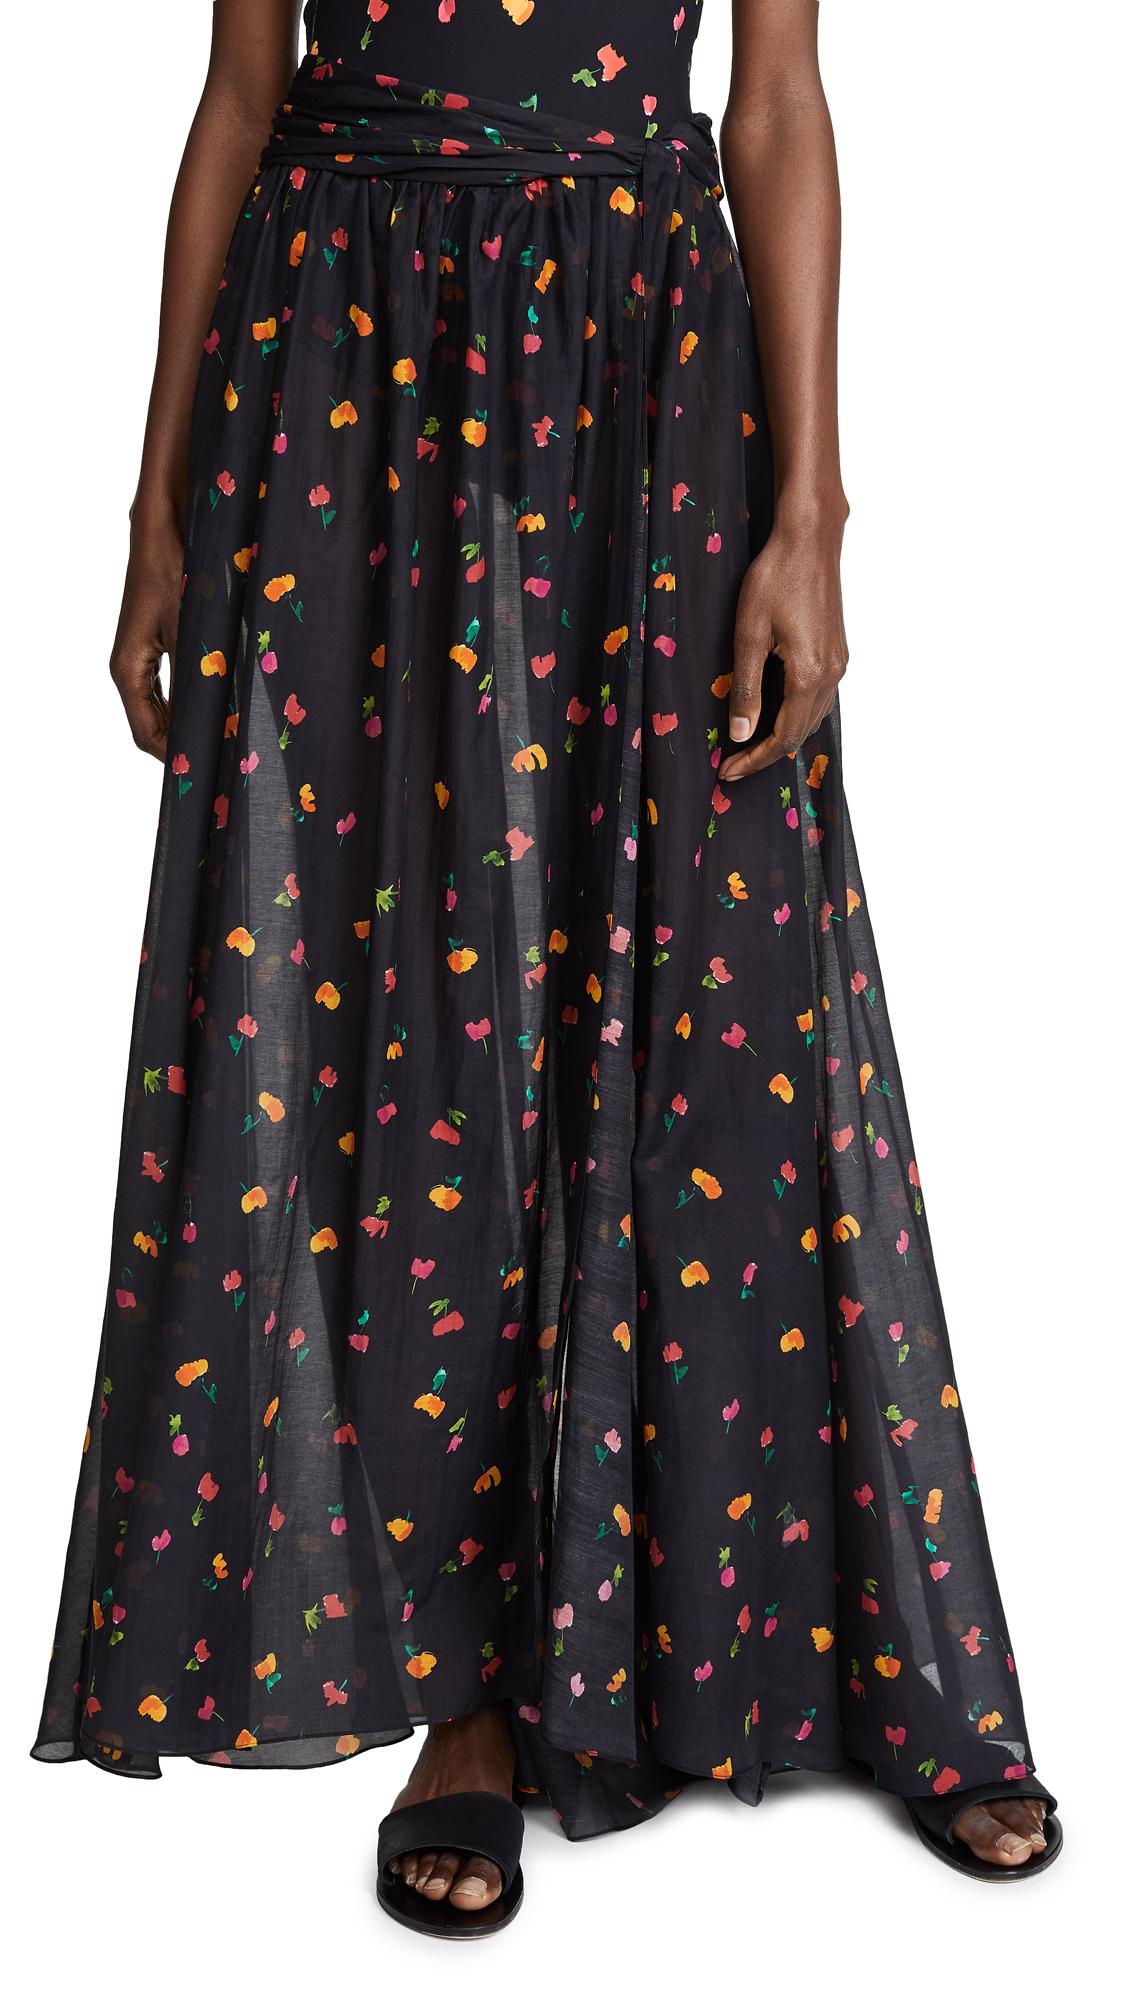 Caroline Constas Hera Skirt - Black Multi